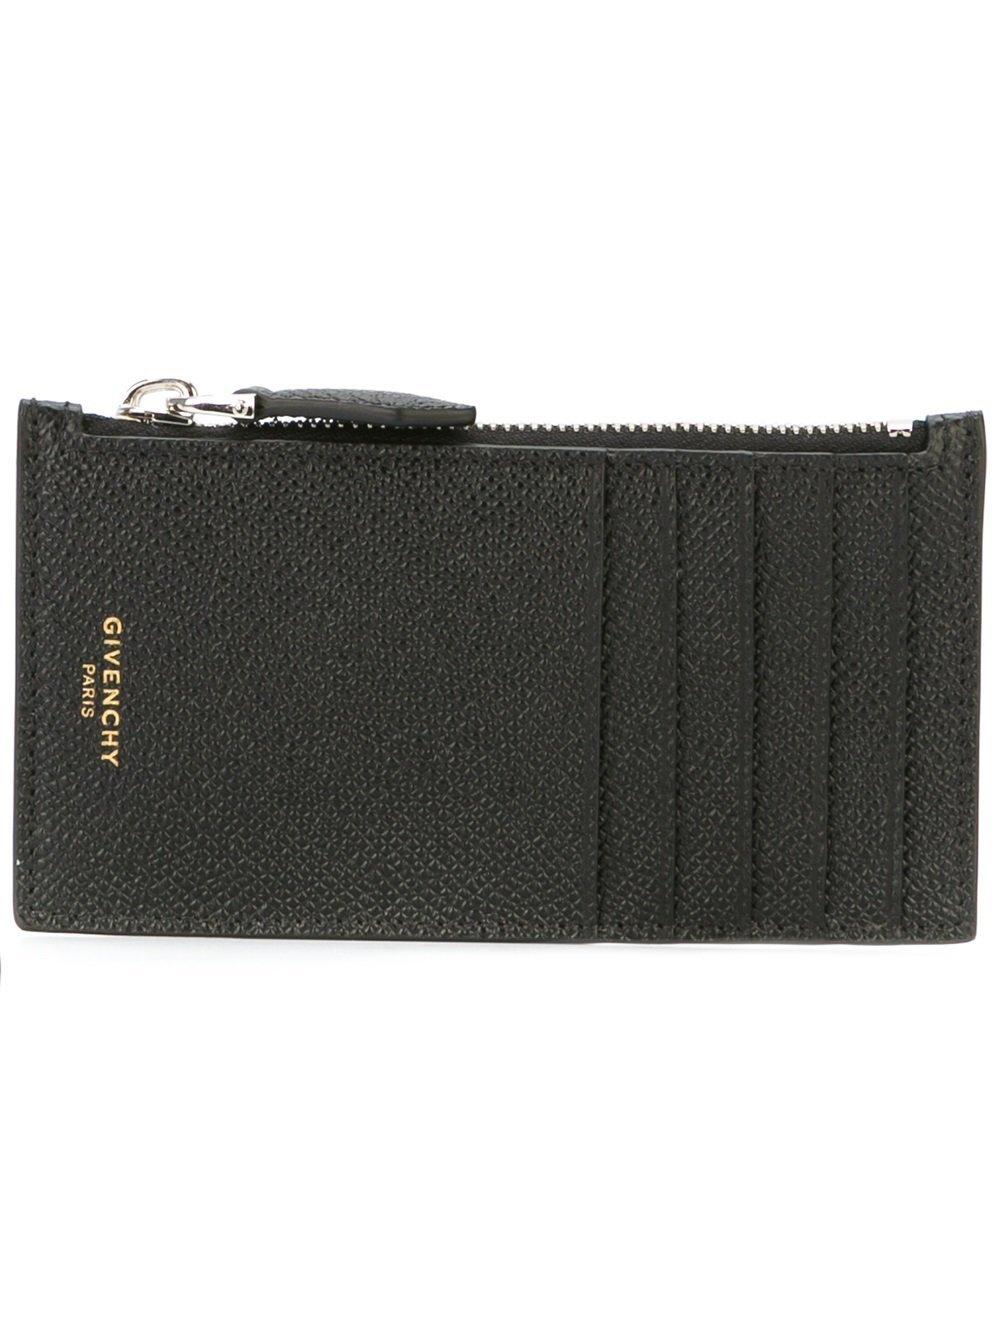 Givenchy Men's Bk06049121001 Black Leather Wallet